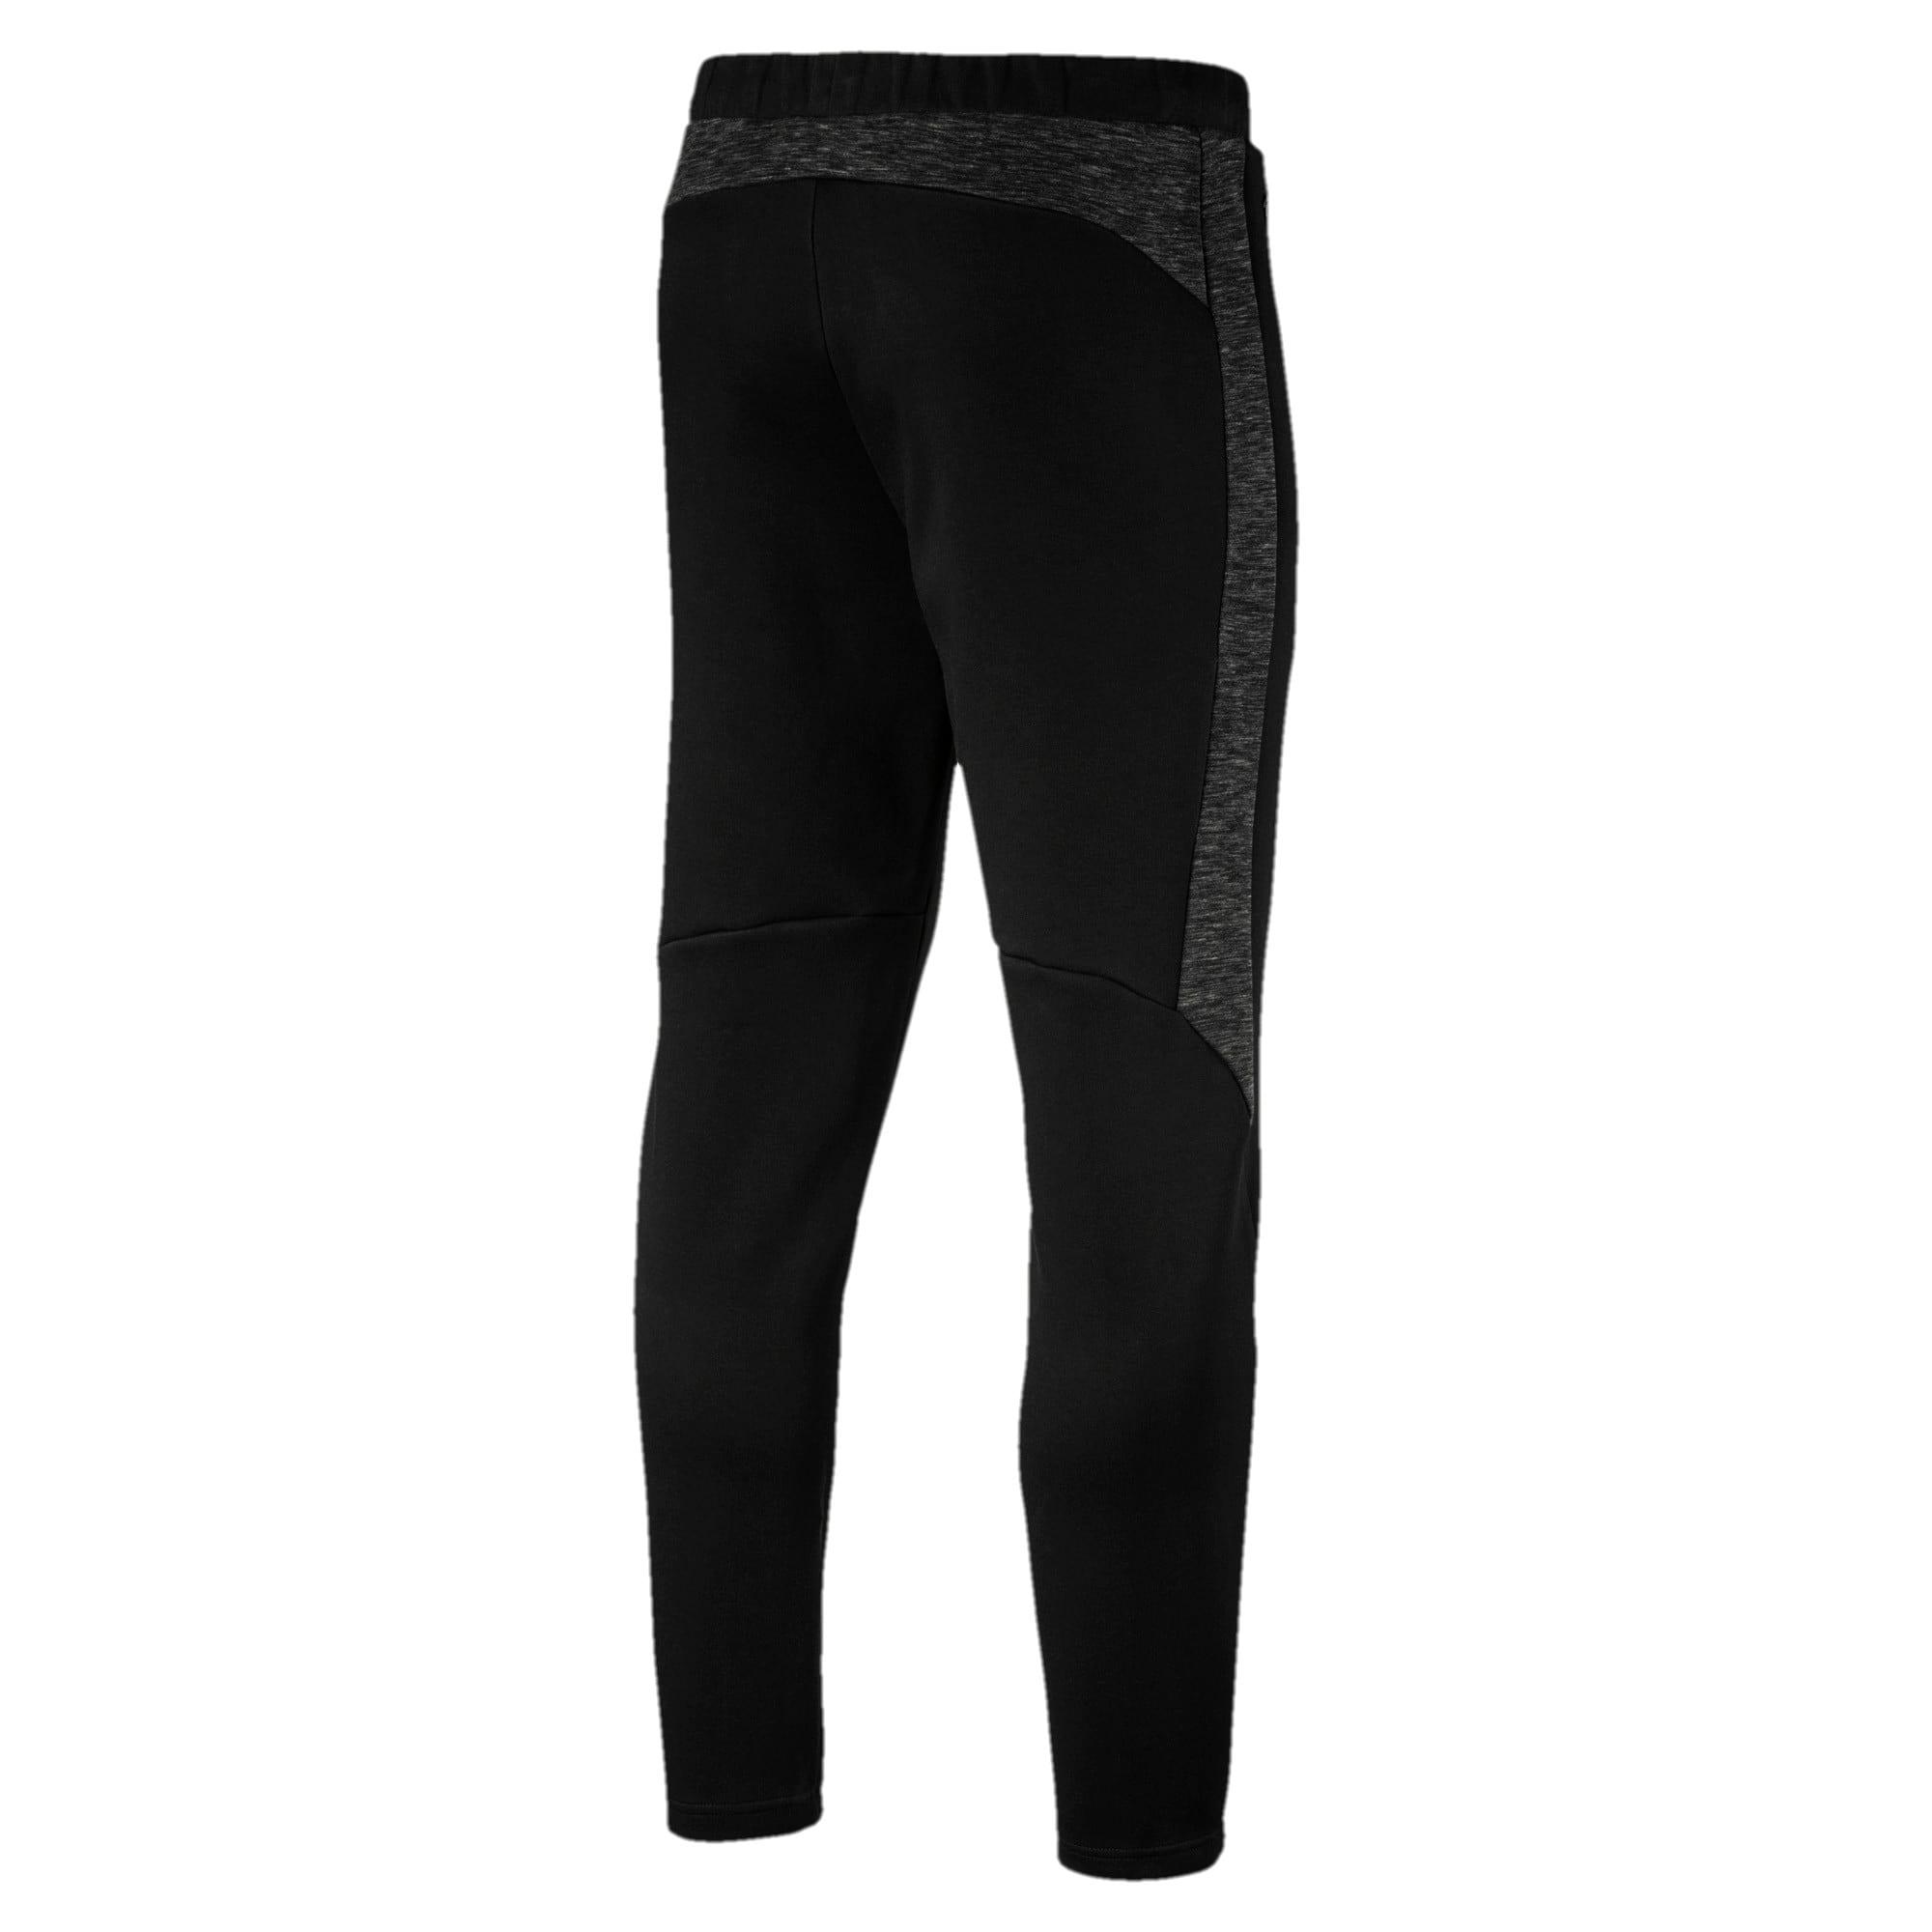 Thumbnail 3 of Evostripe Men's Pants, Cotton Black, medium